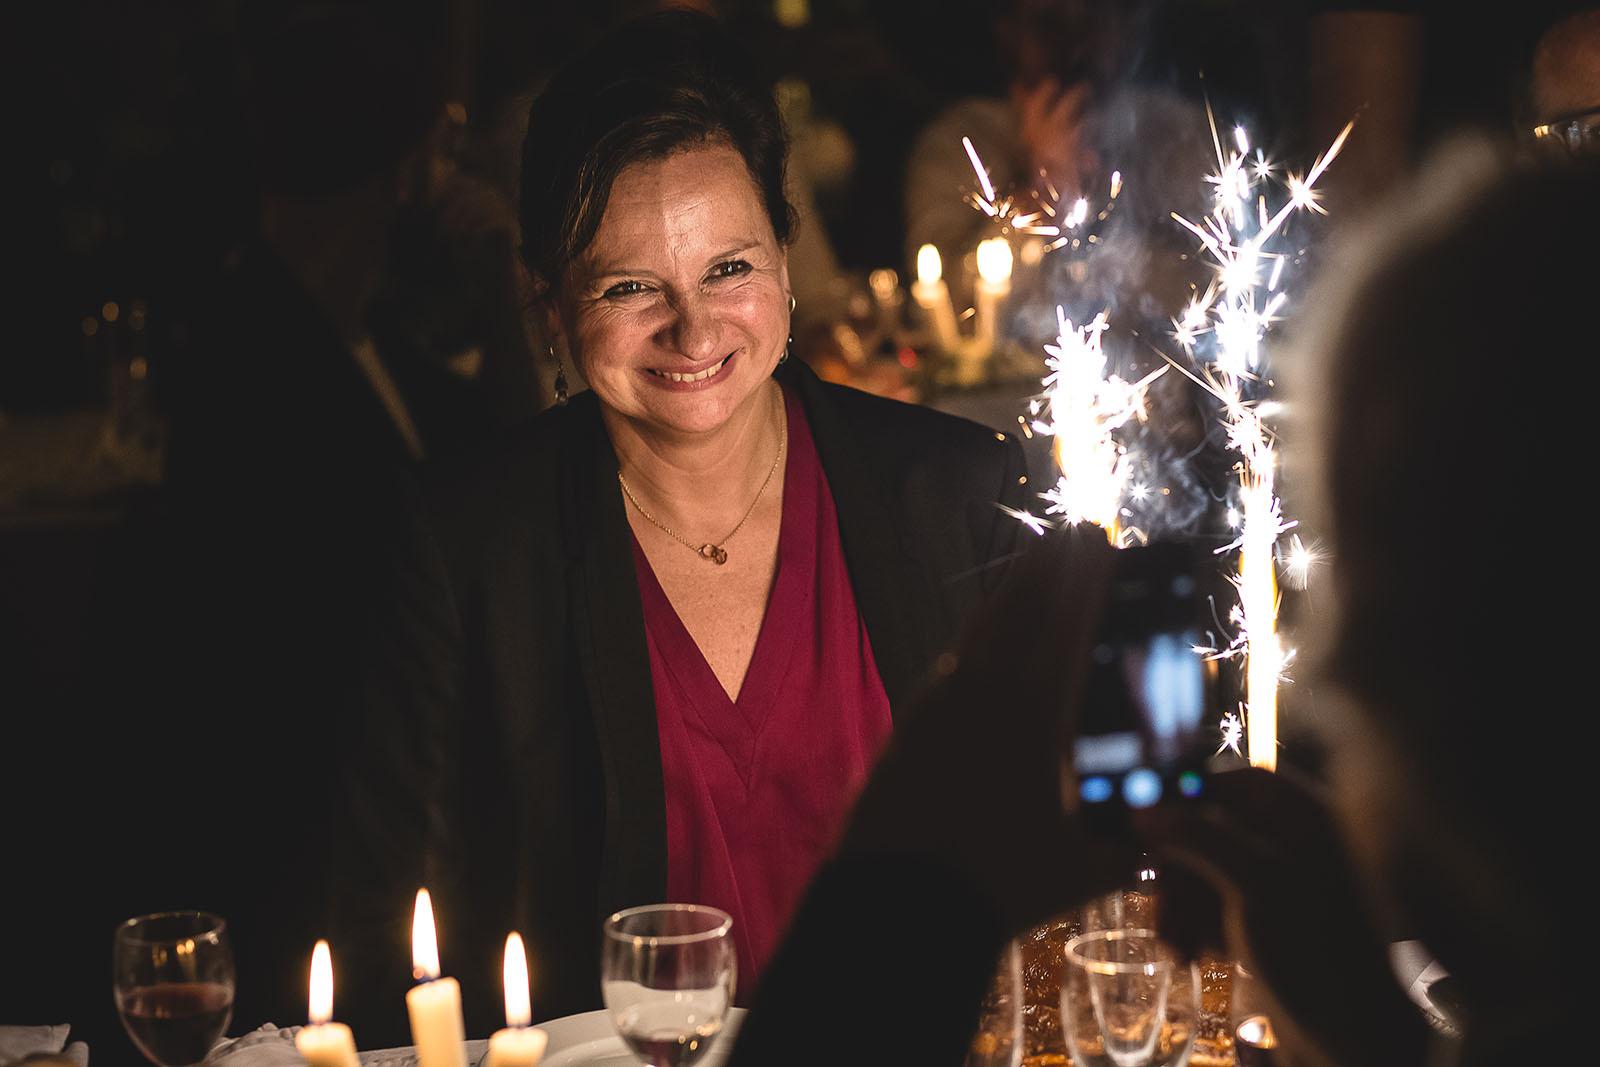 Mariage Manoir des Prévanches. David Pommier photographe de mariage. Emotion de la maman devant le gâteau